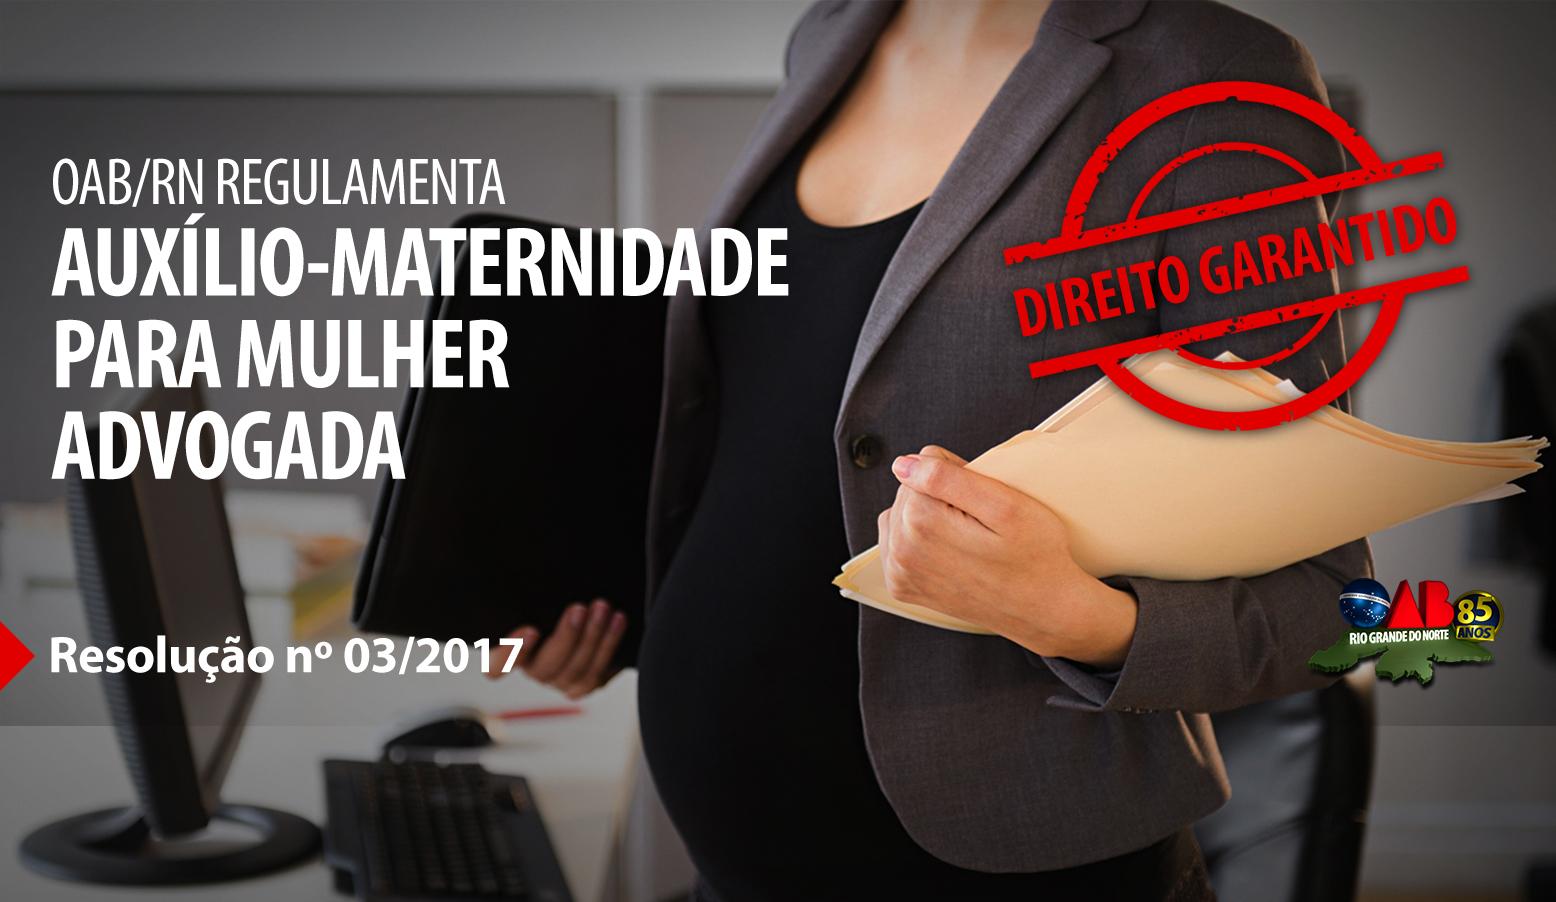 OAB regulamenta Auxílio Maternidade para advogadas potiguares